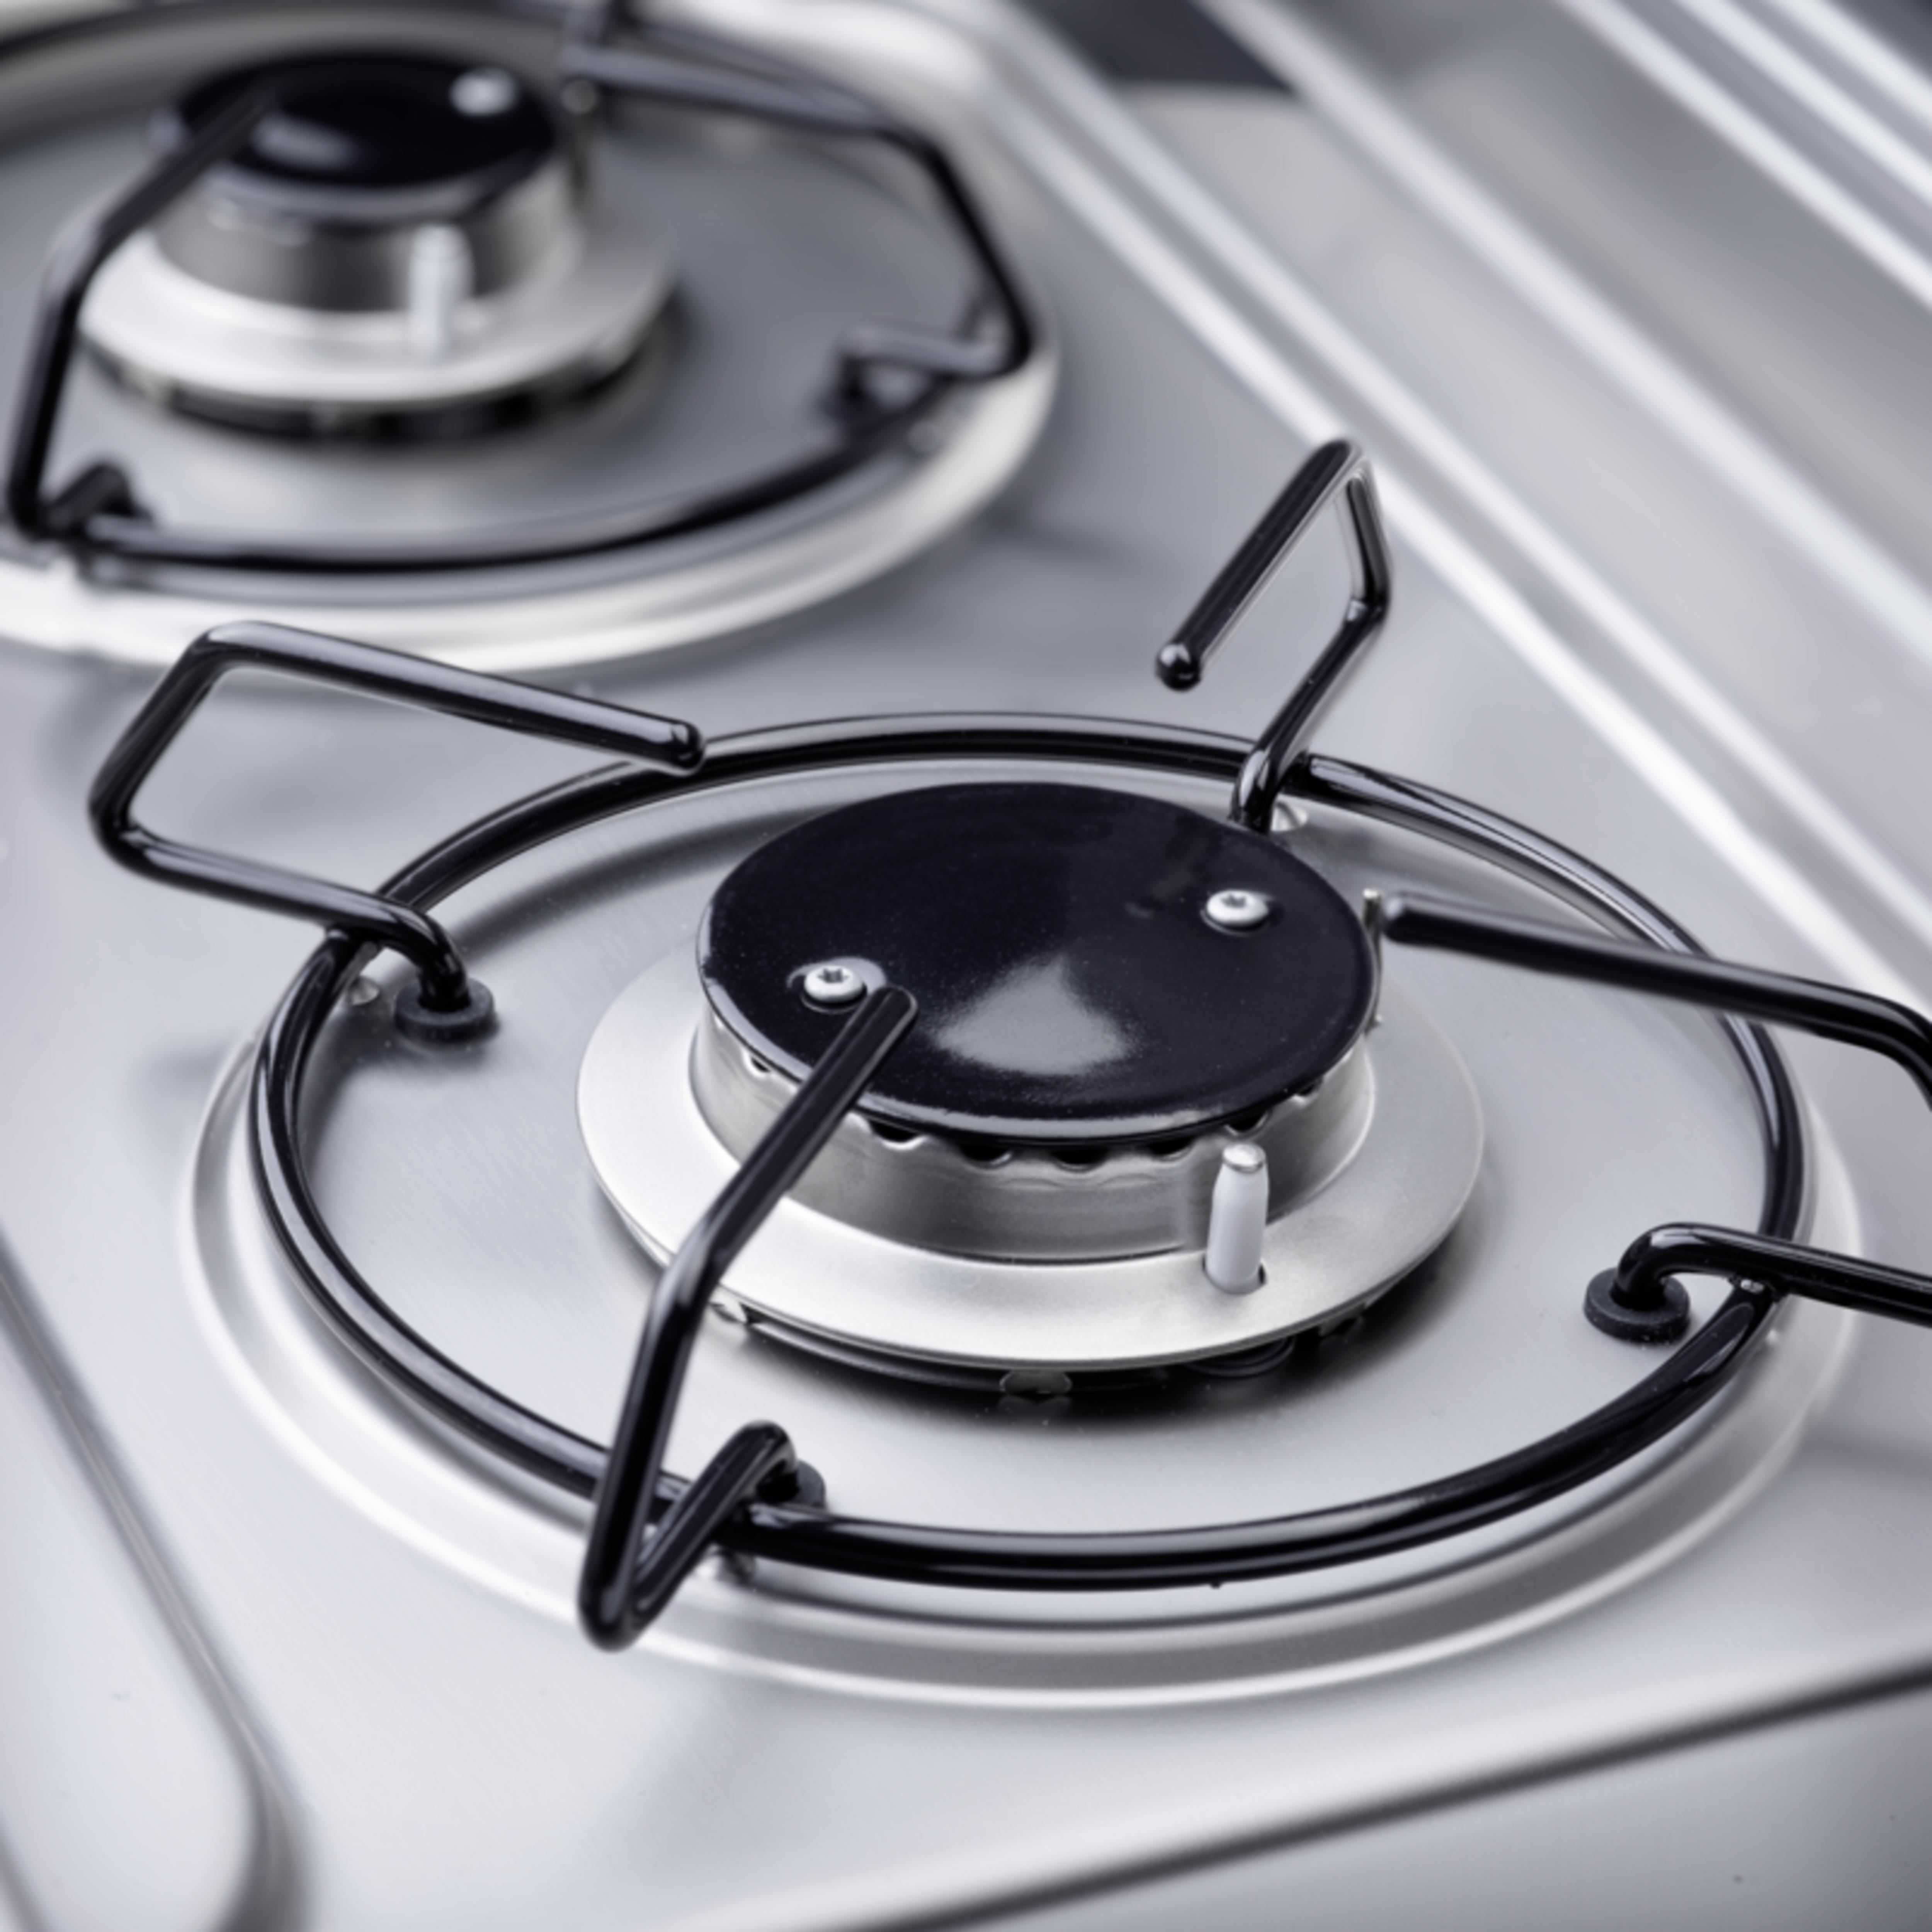 Kookplaat met twee pitten, ideaal voor koken in kleine ruimtes